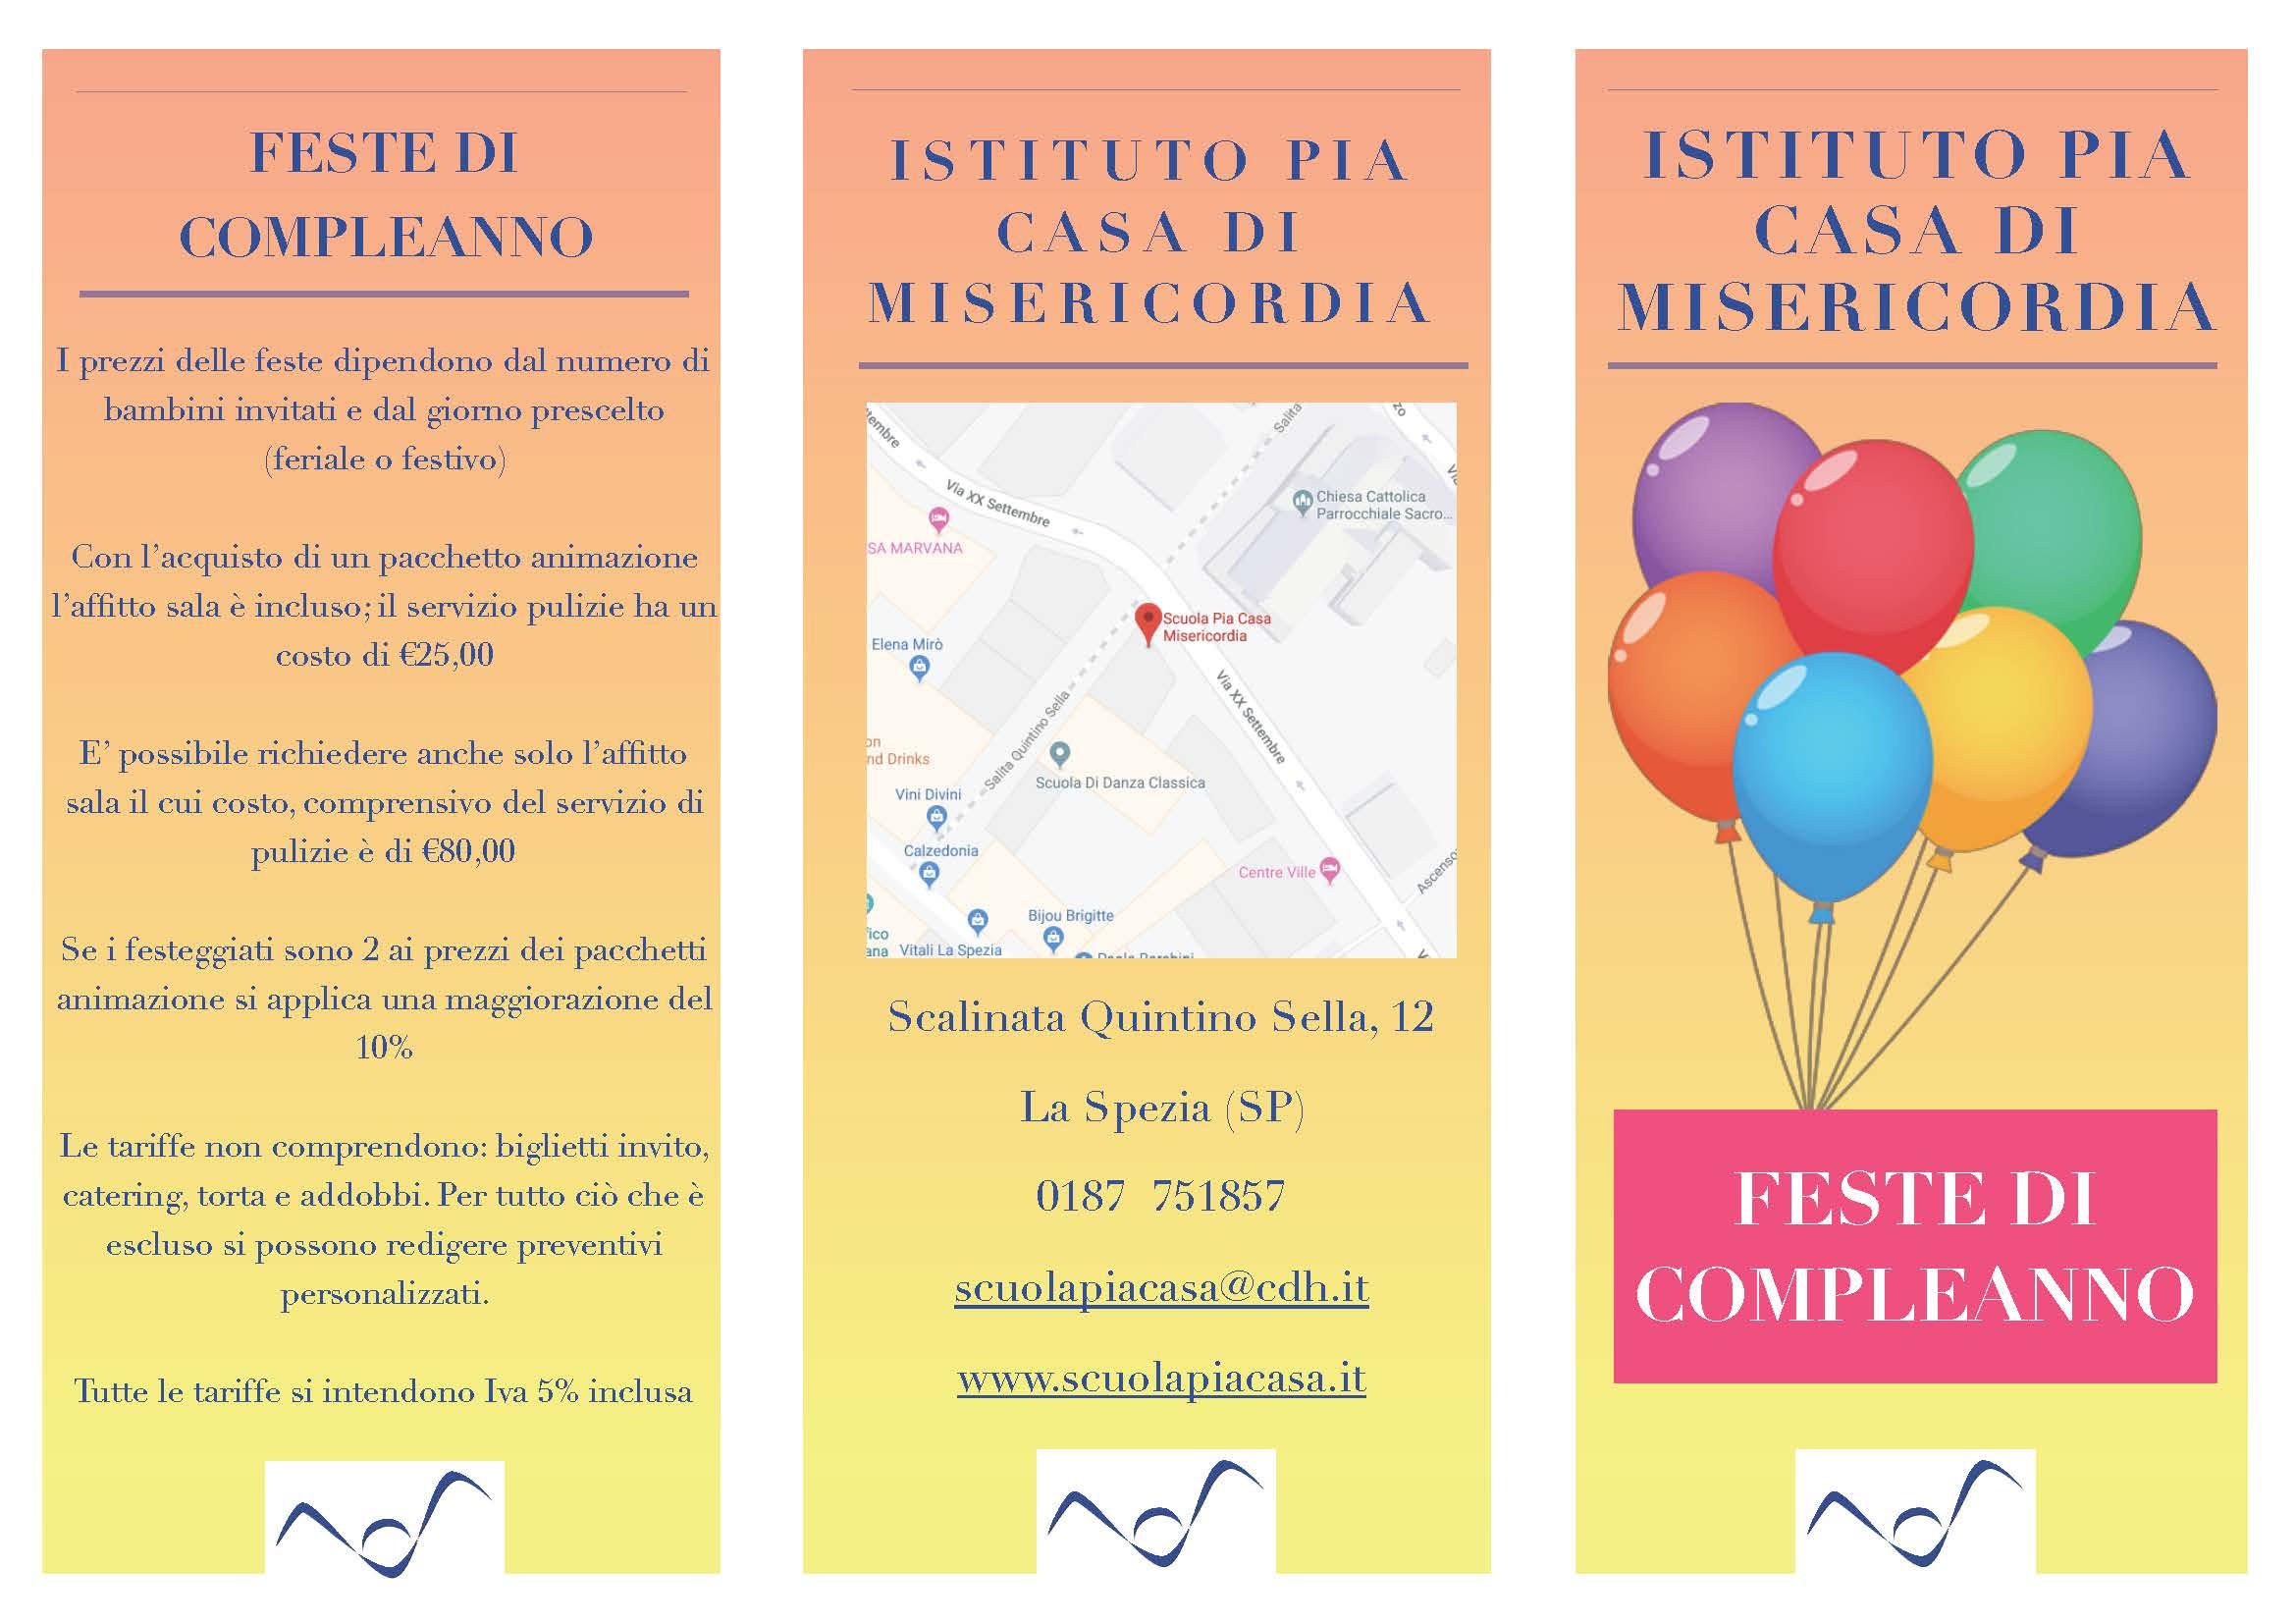 feste-di-compleanno_Pagina_1